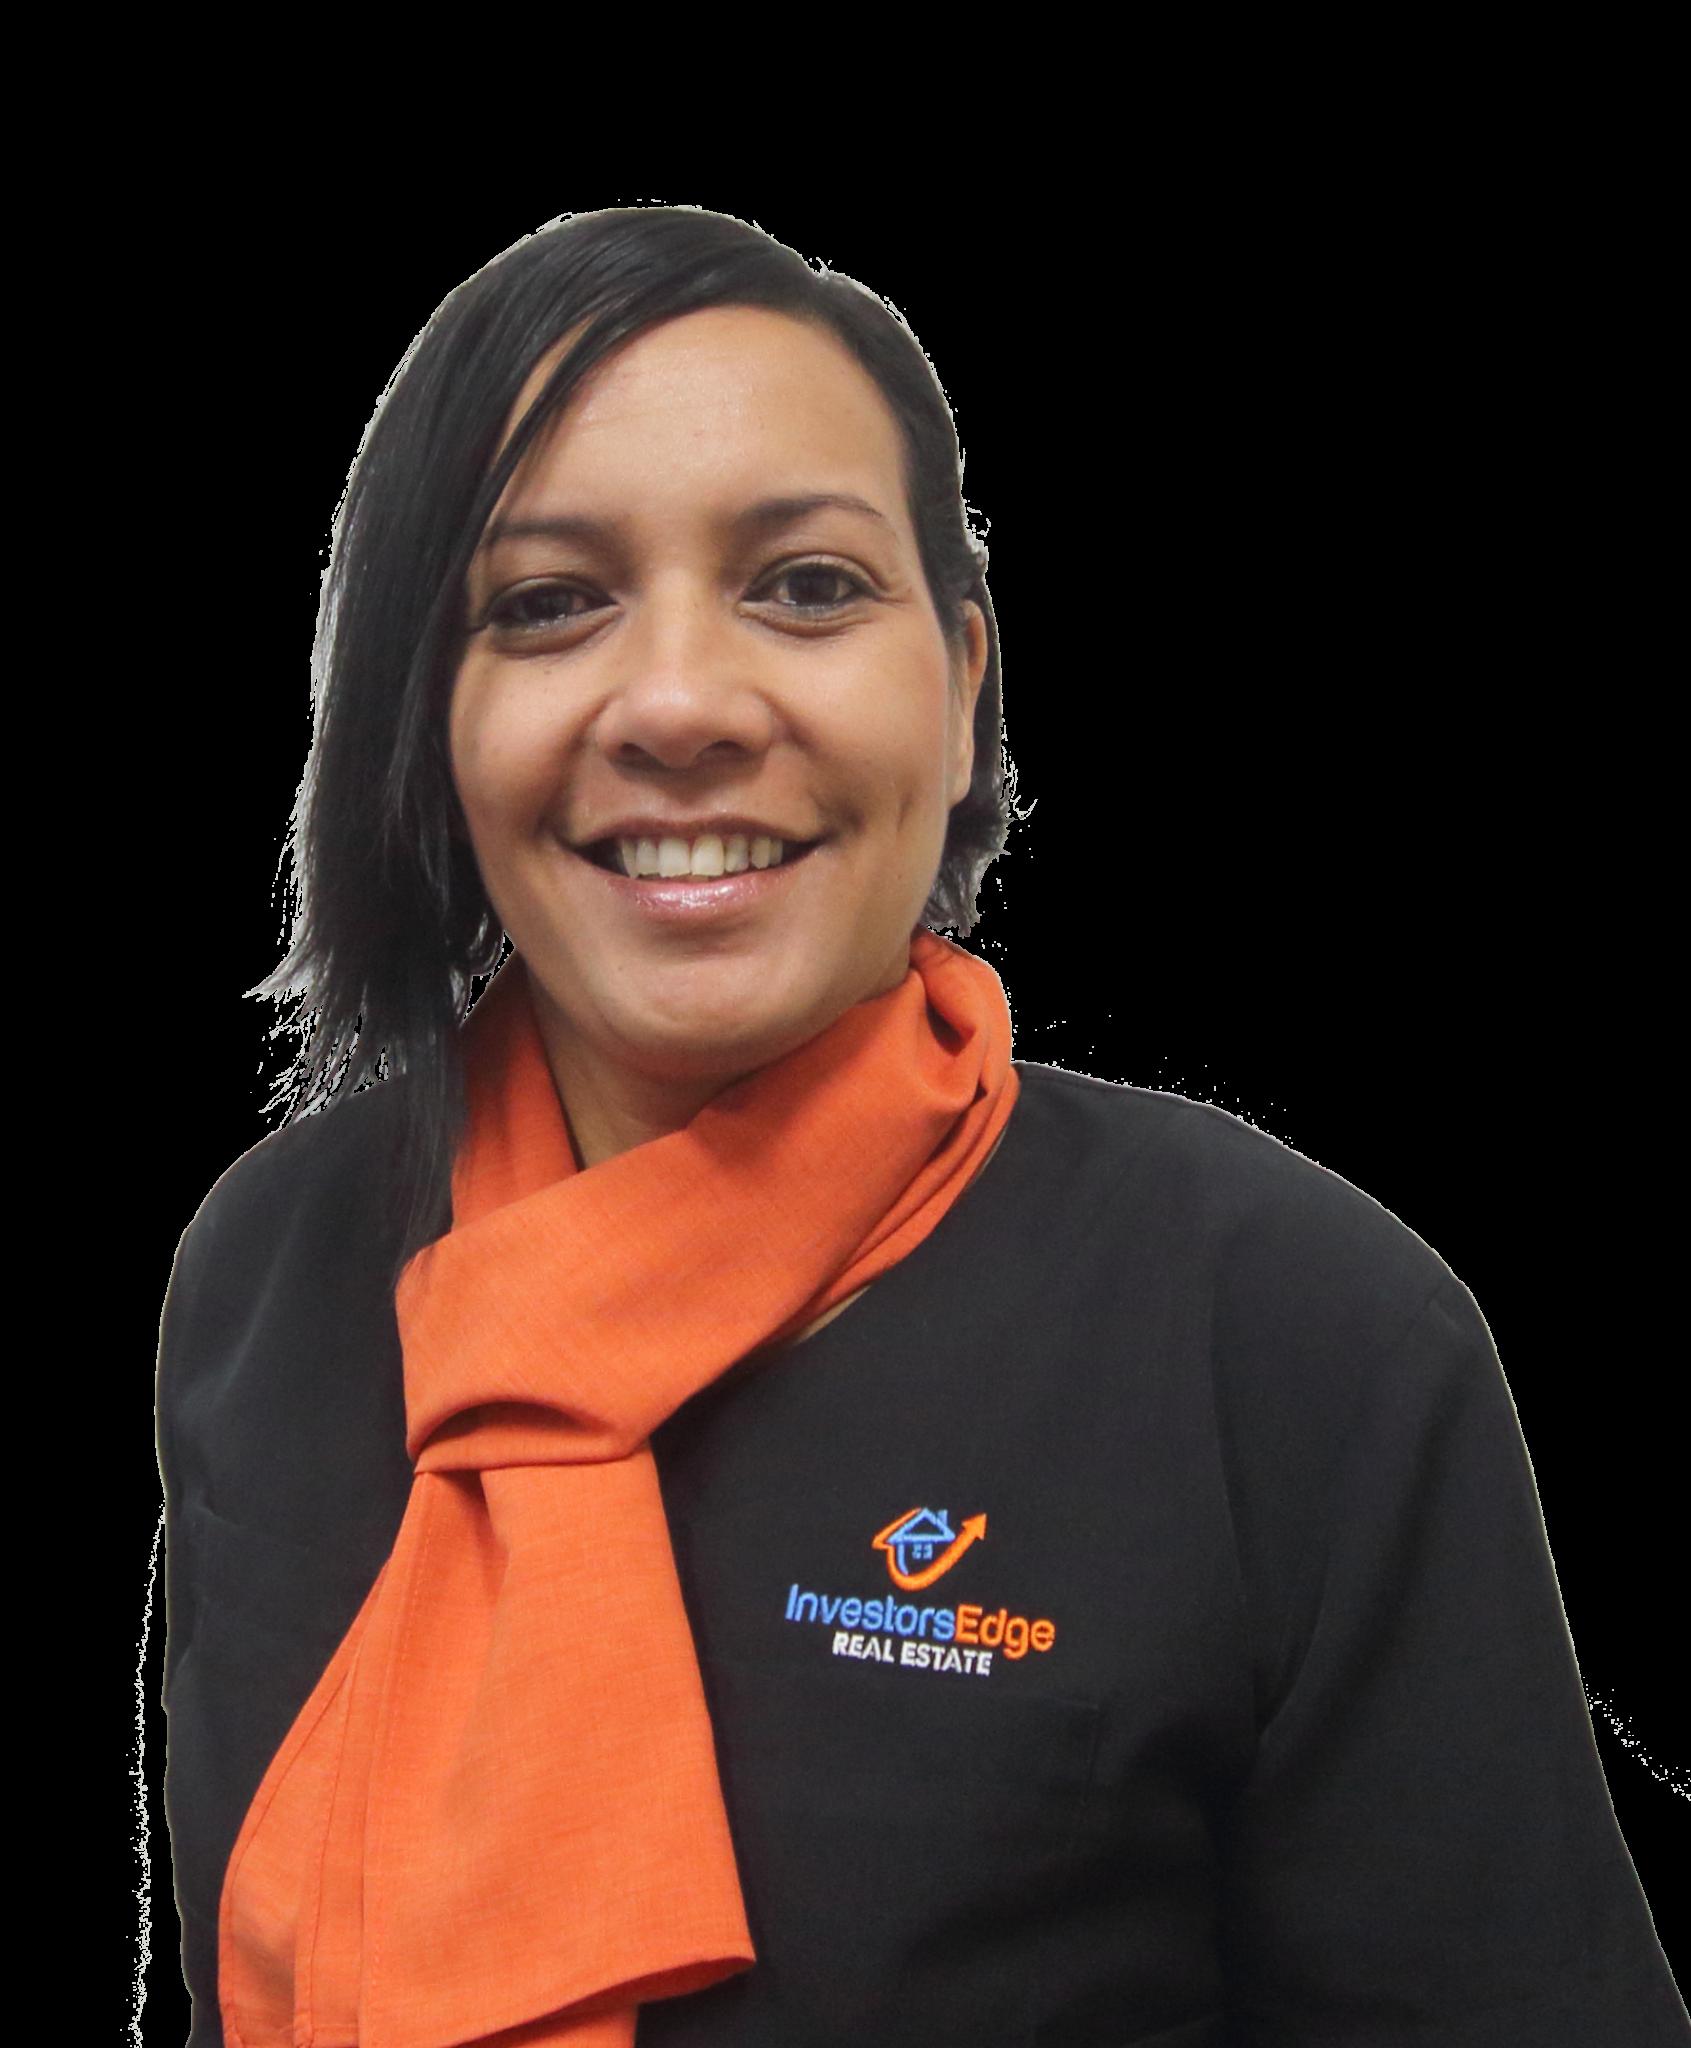 Natalie Transp Property Management